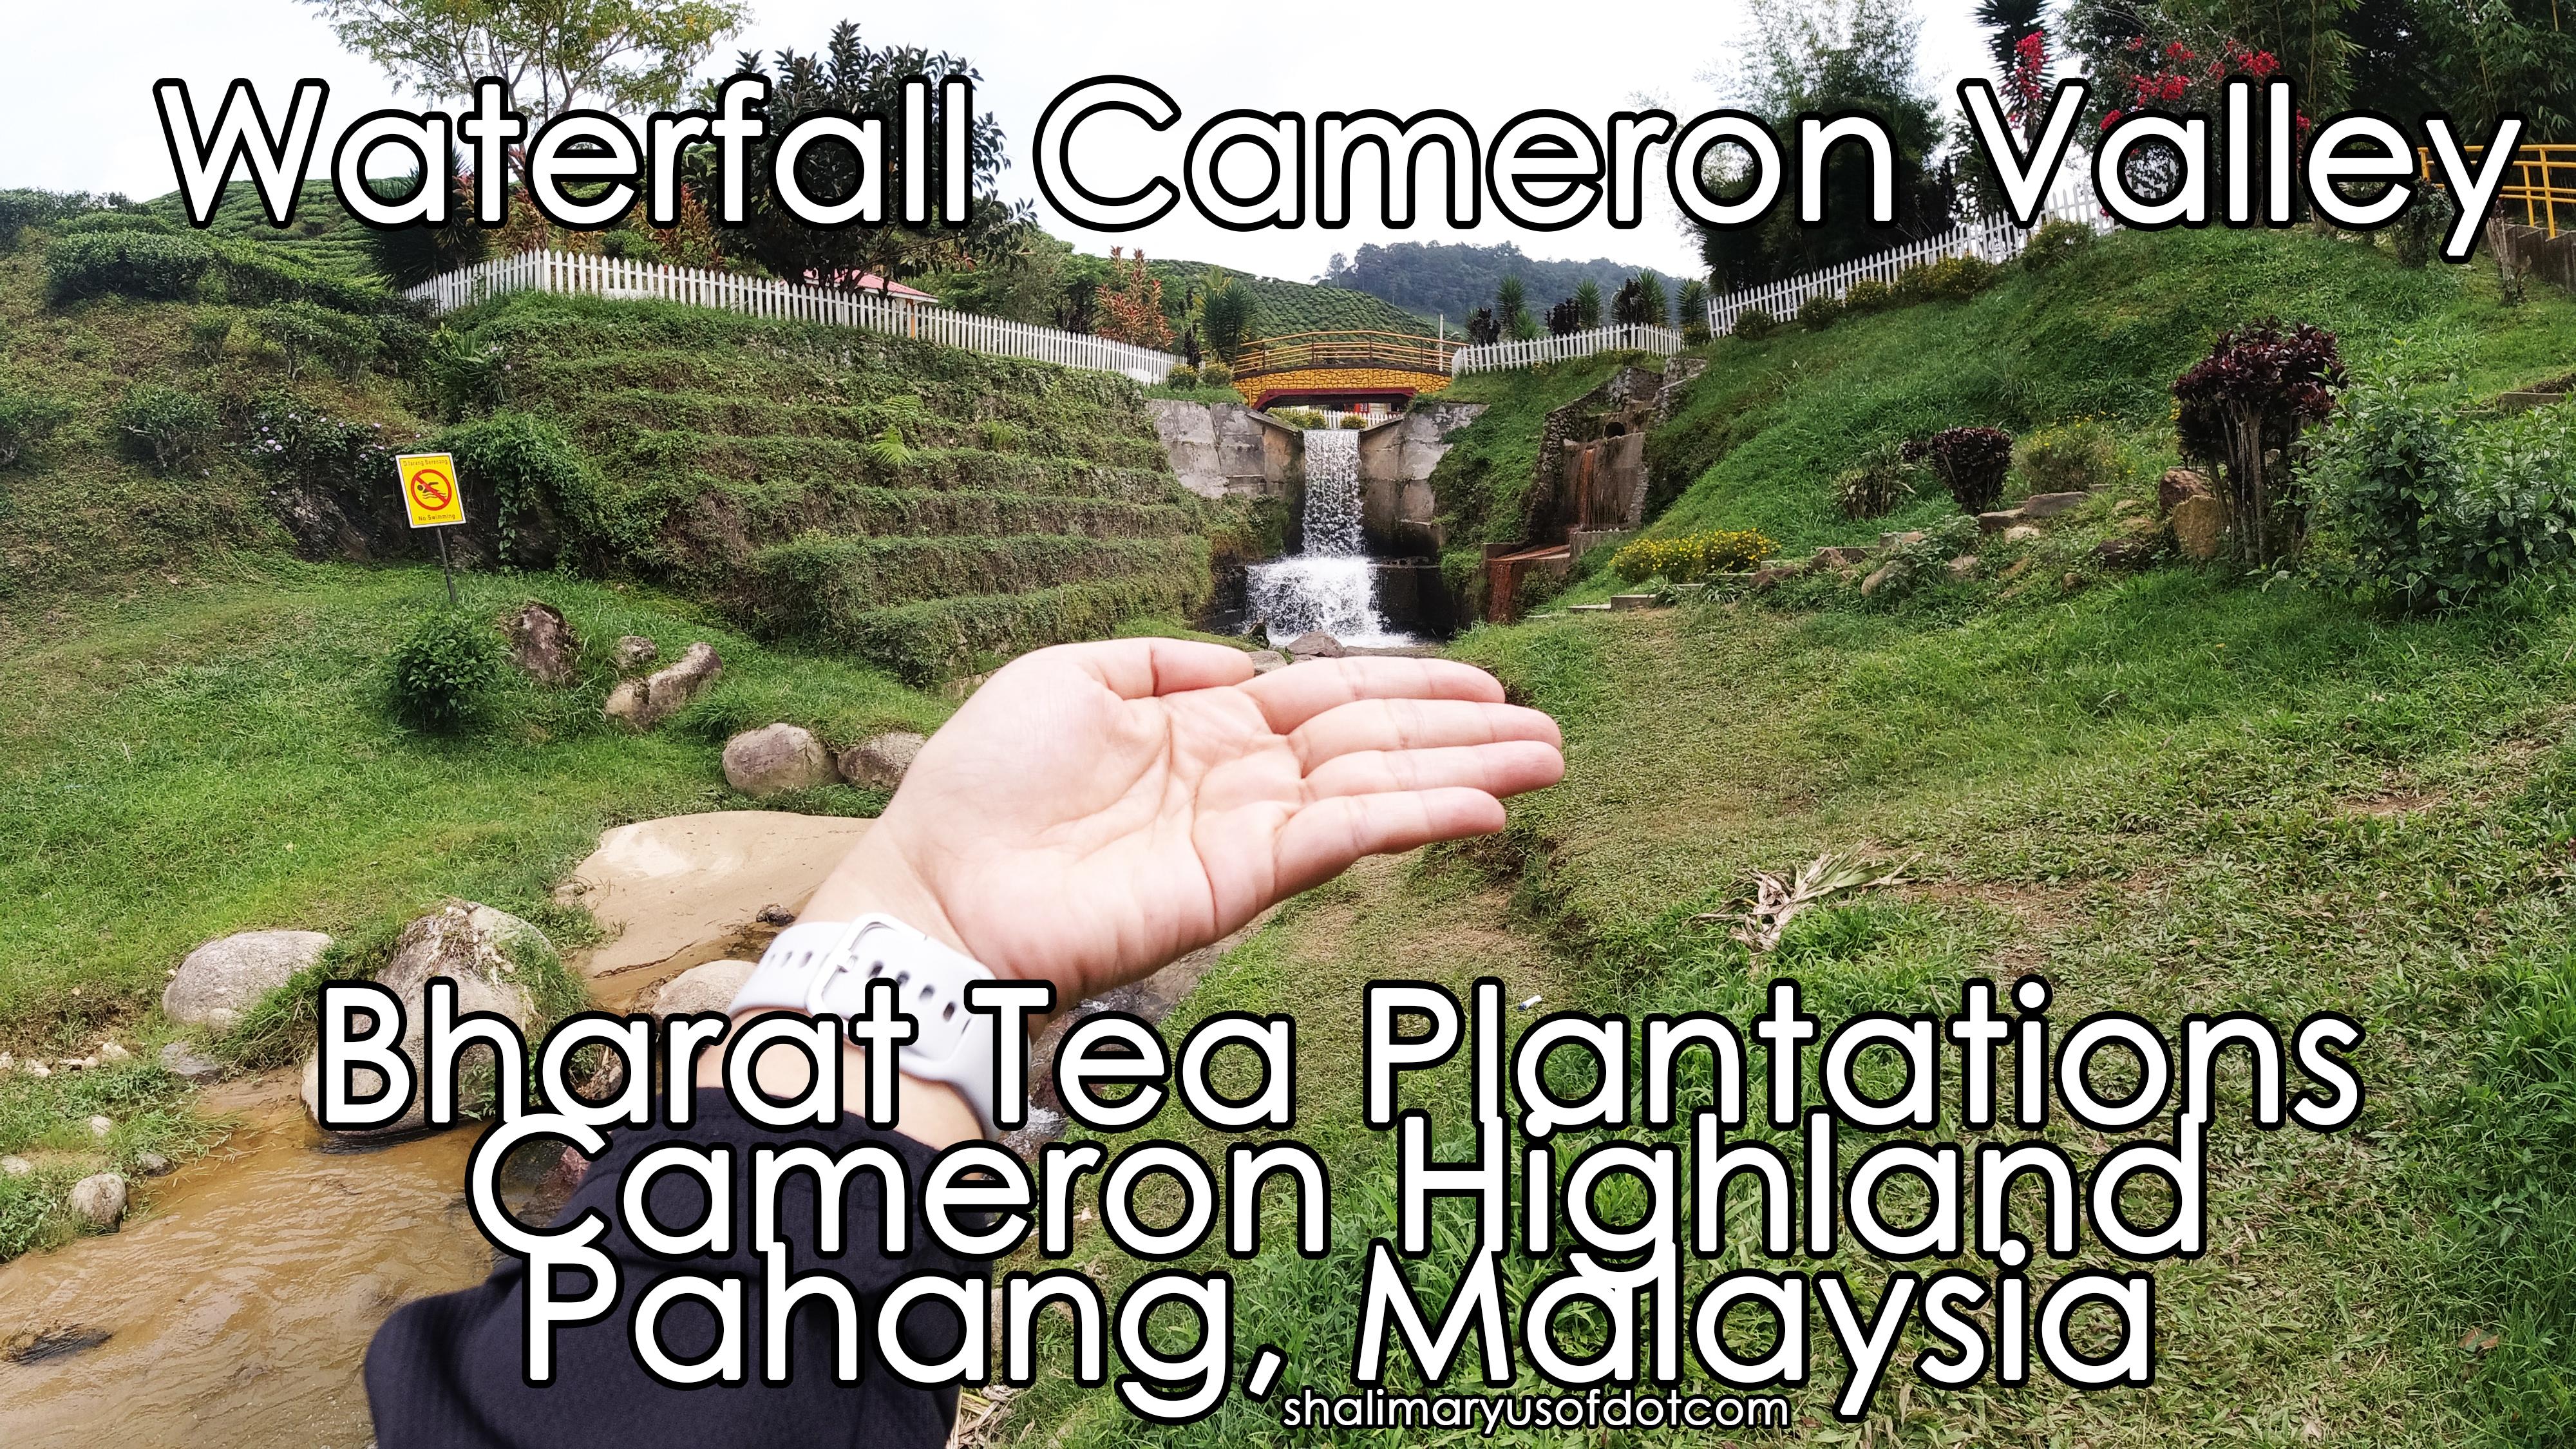 bharat tea